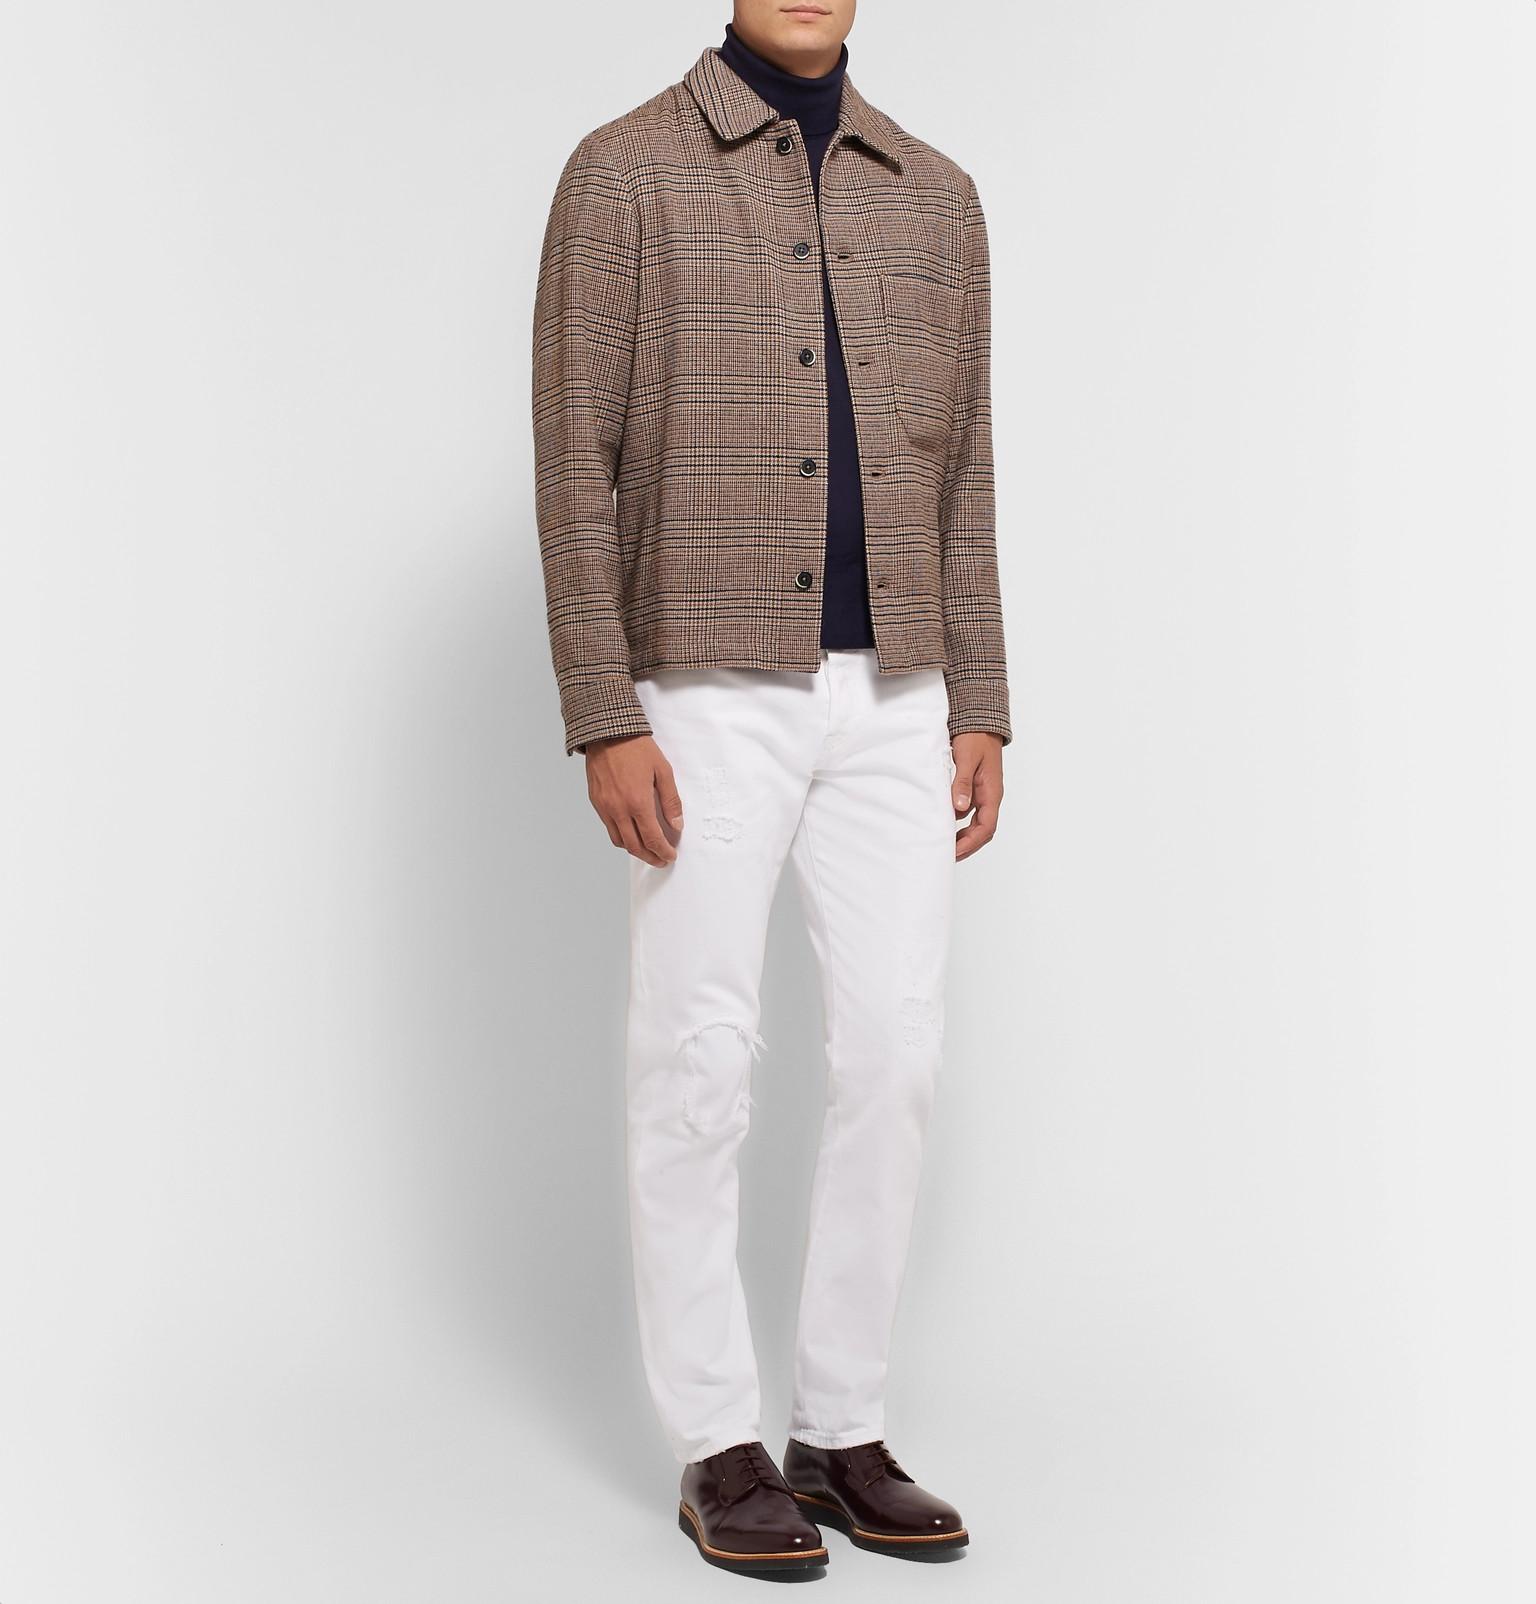 Shirt Jacket Blend Barenachecked Linen Barenachecked Linen xf8qH8